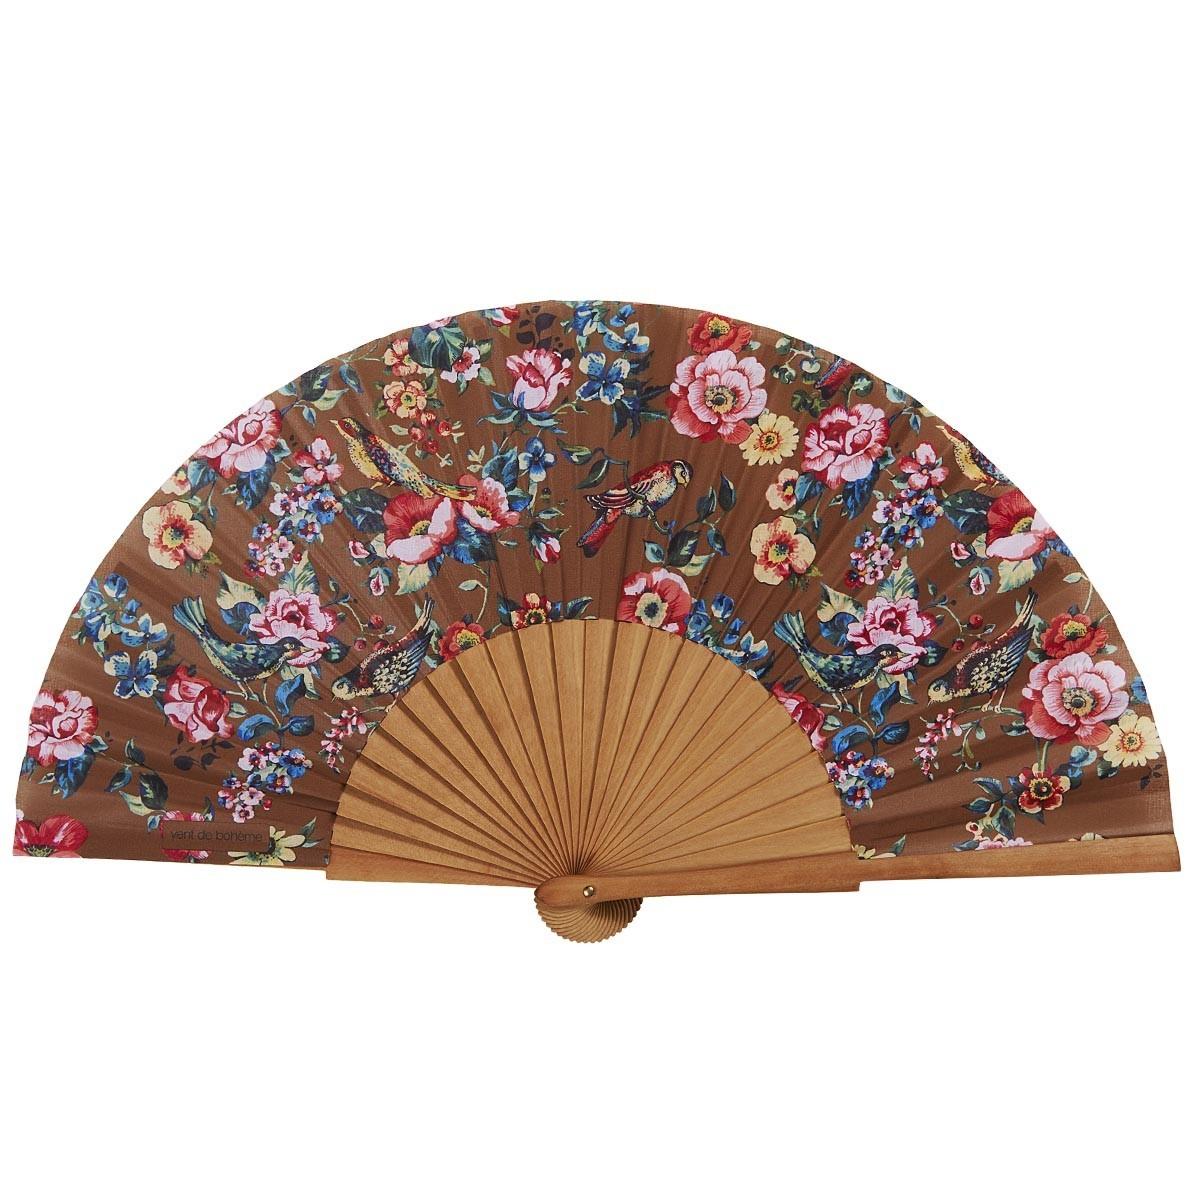 Éventail en bois de merisier et coton imprimé fleuri bronze